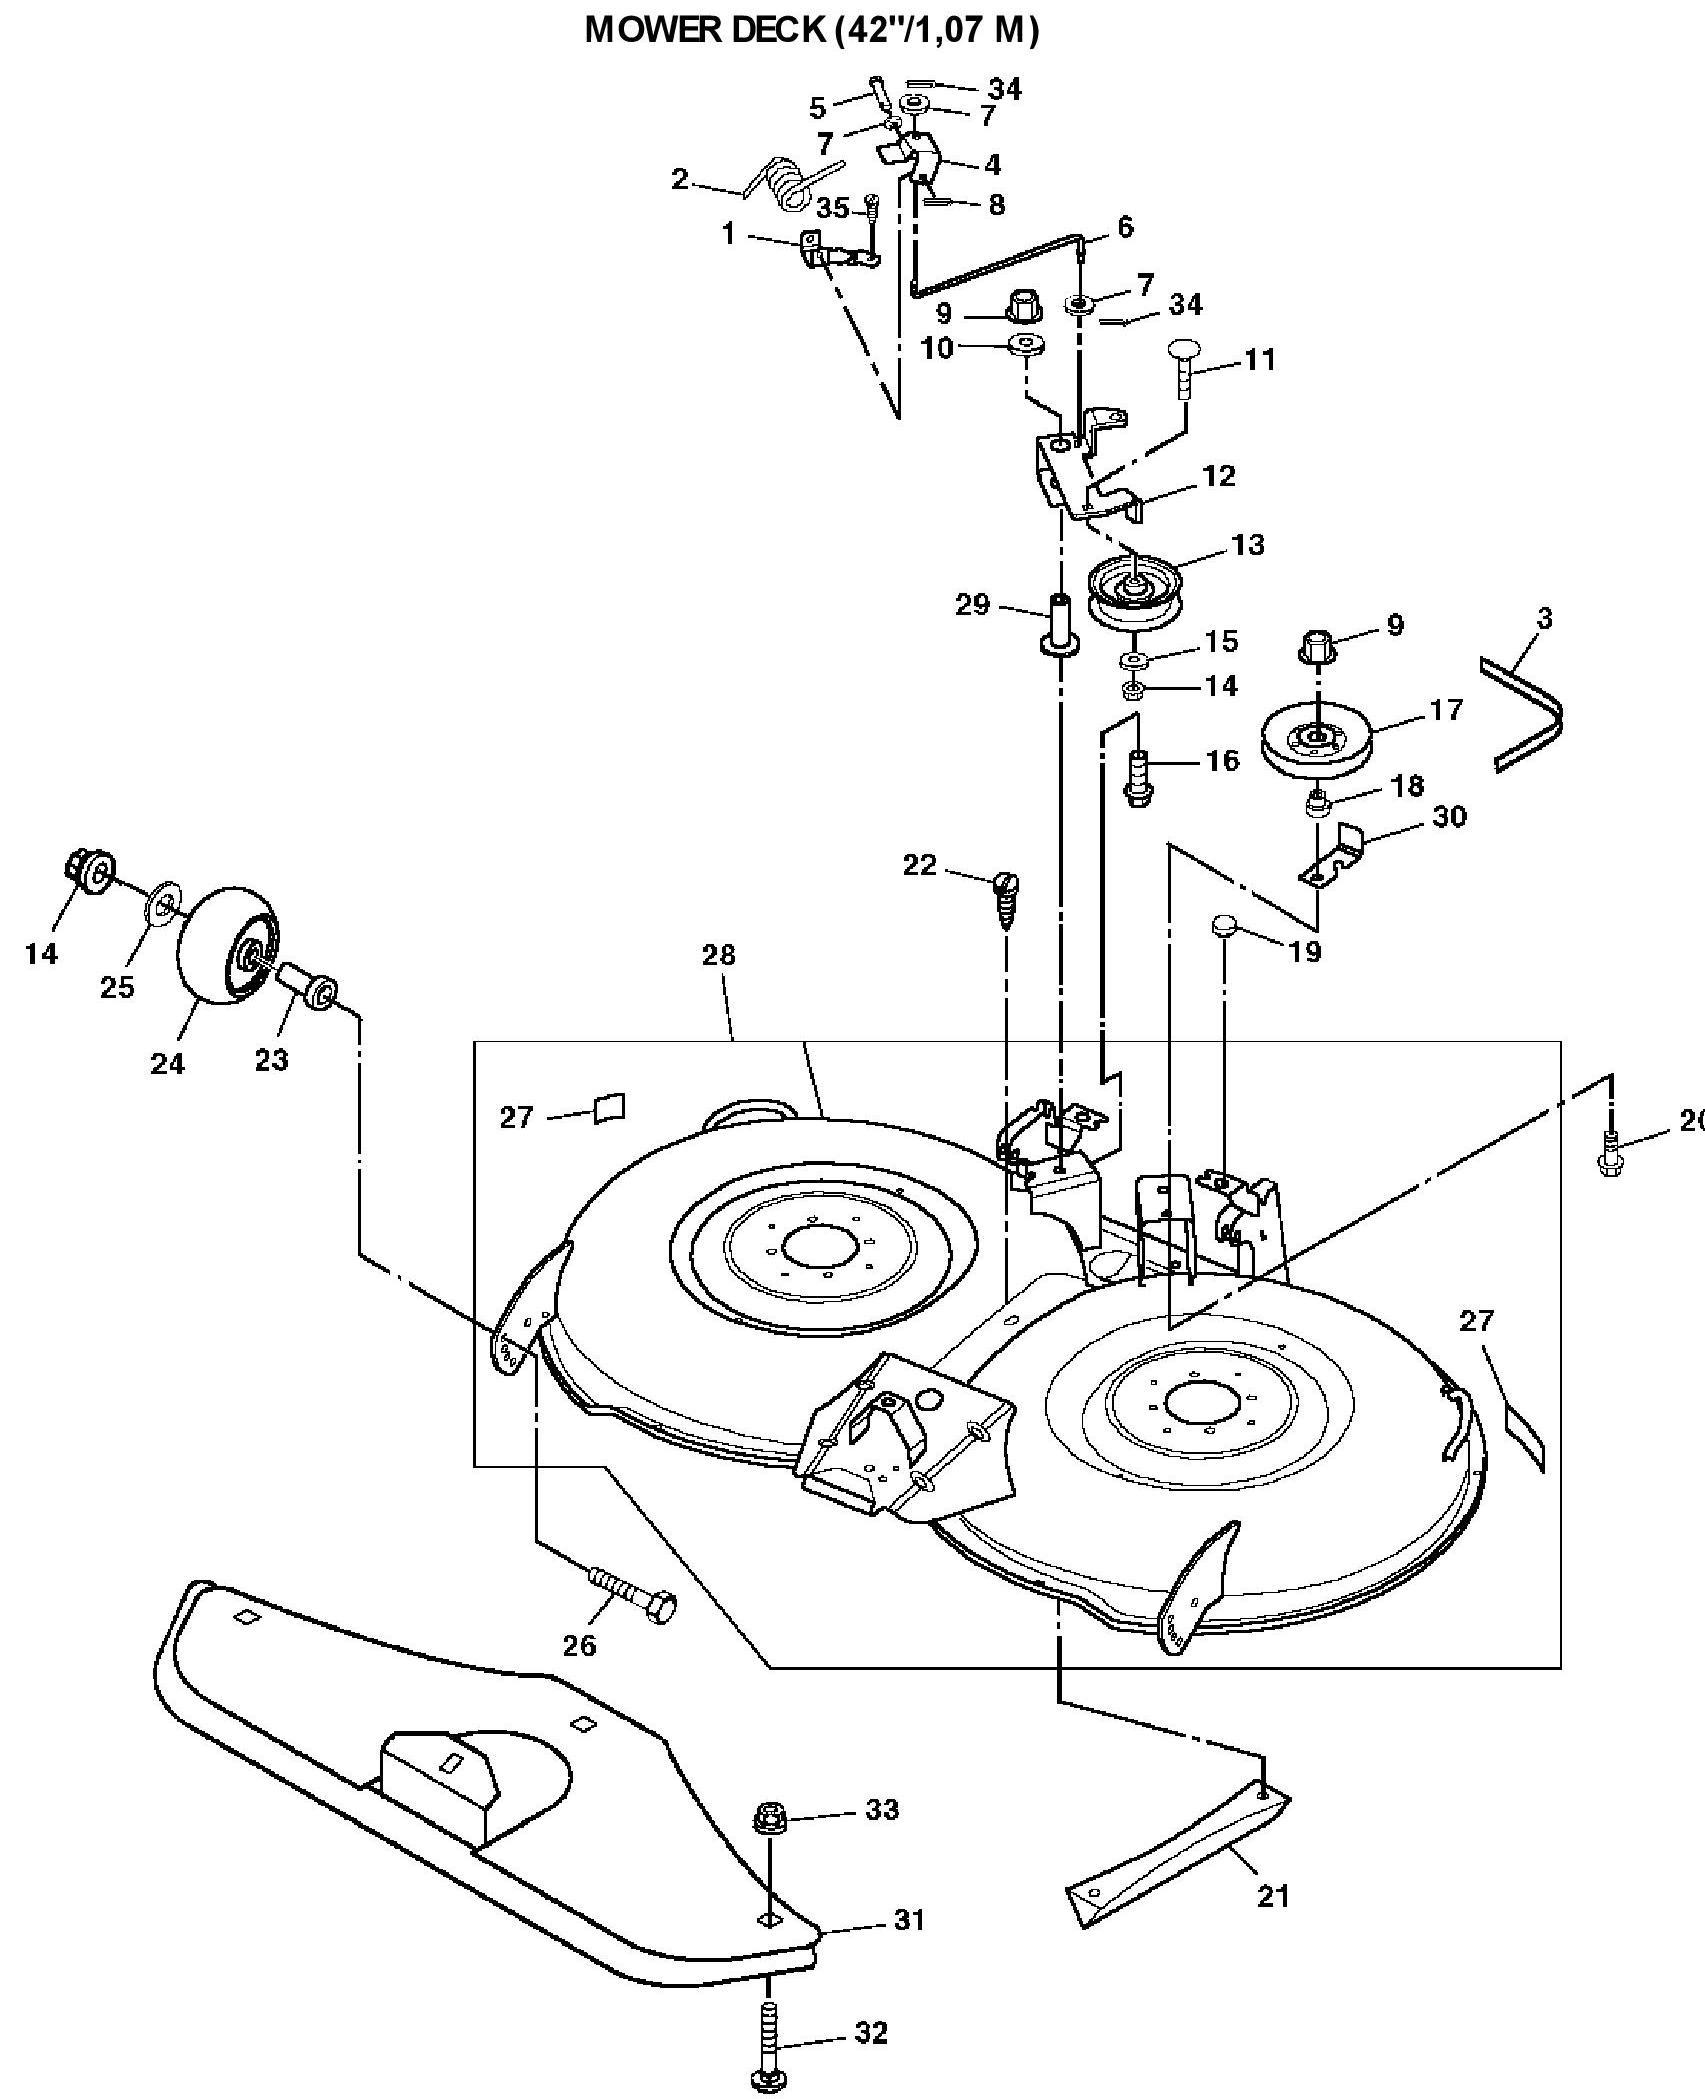 John Deere Lt155 Parts Www Wiring Harness Lt133 Lt166 Lawn Garden Tractor Pdf